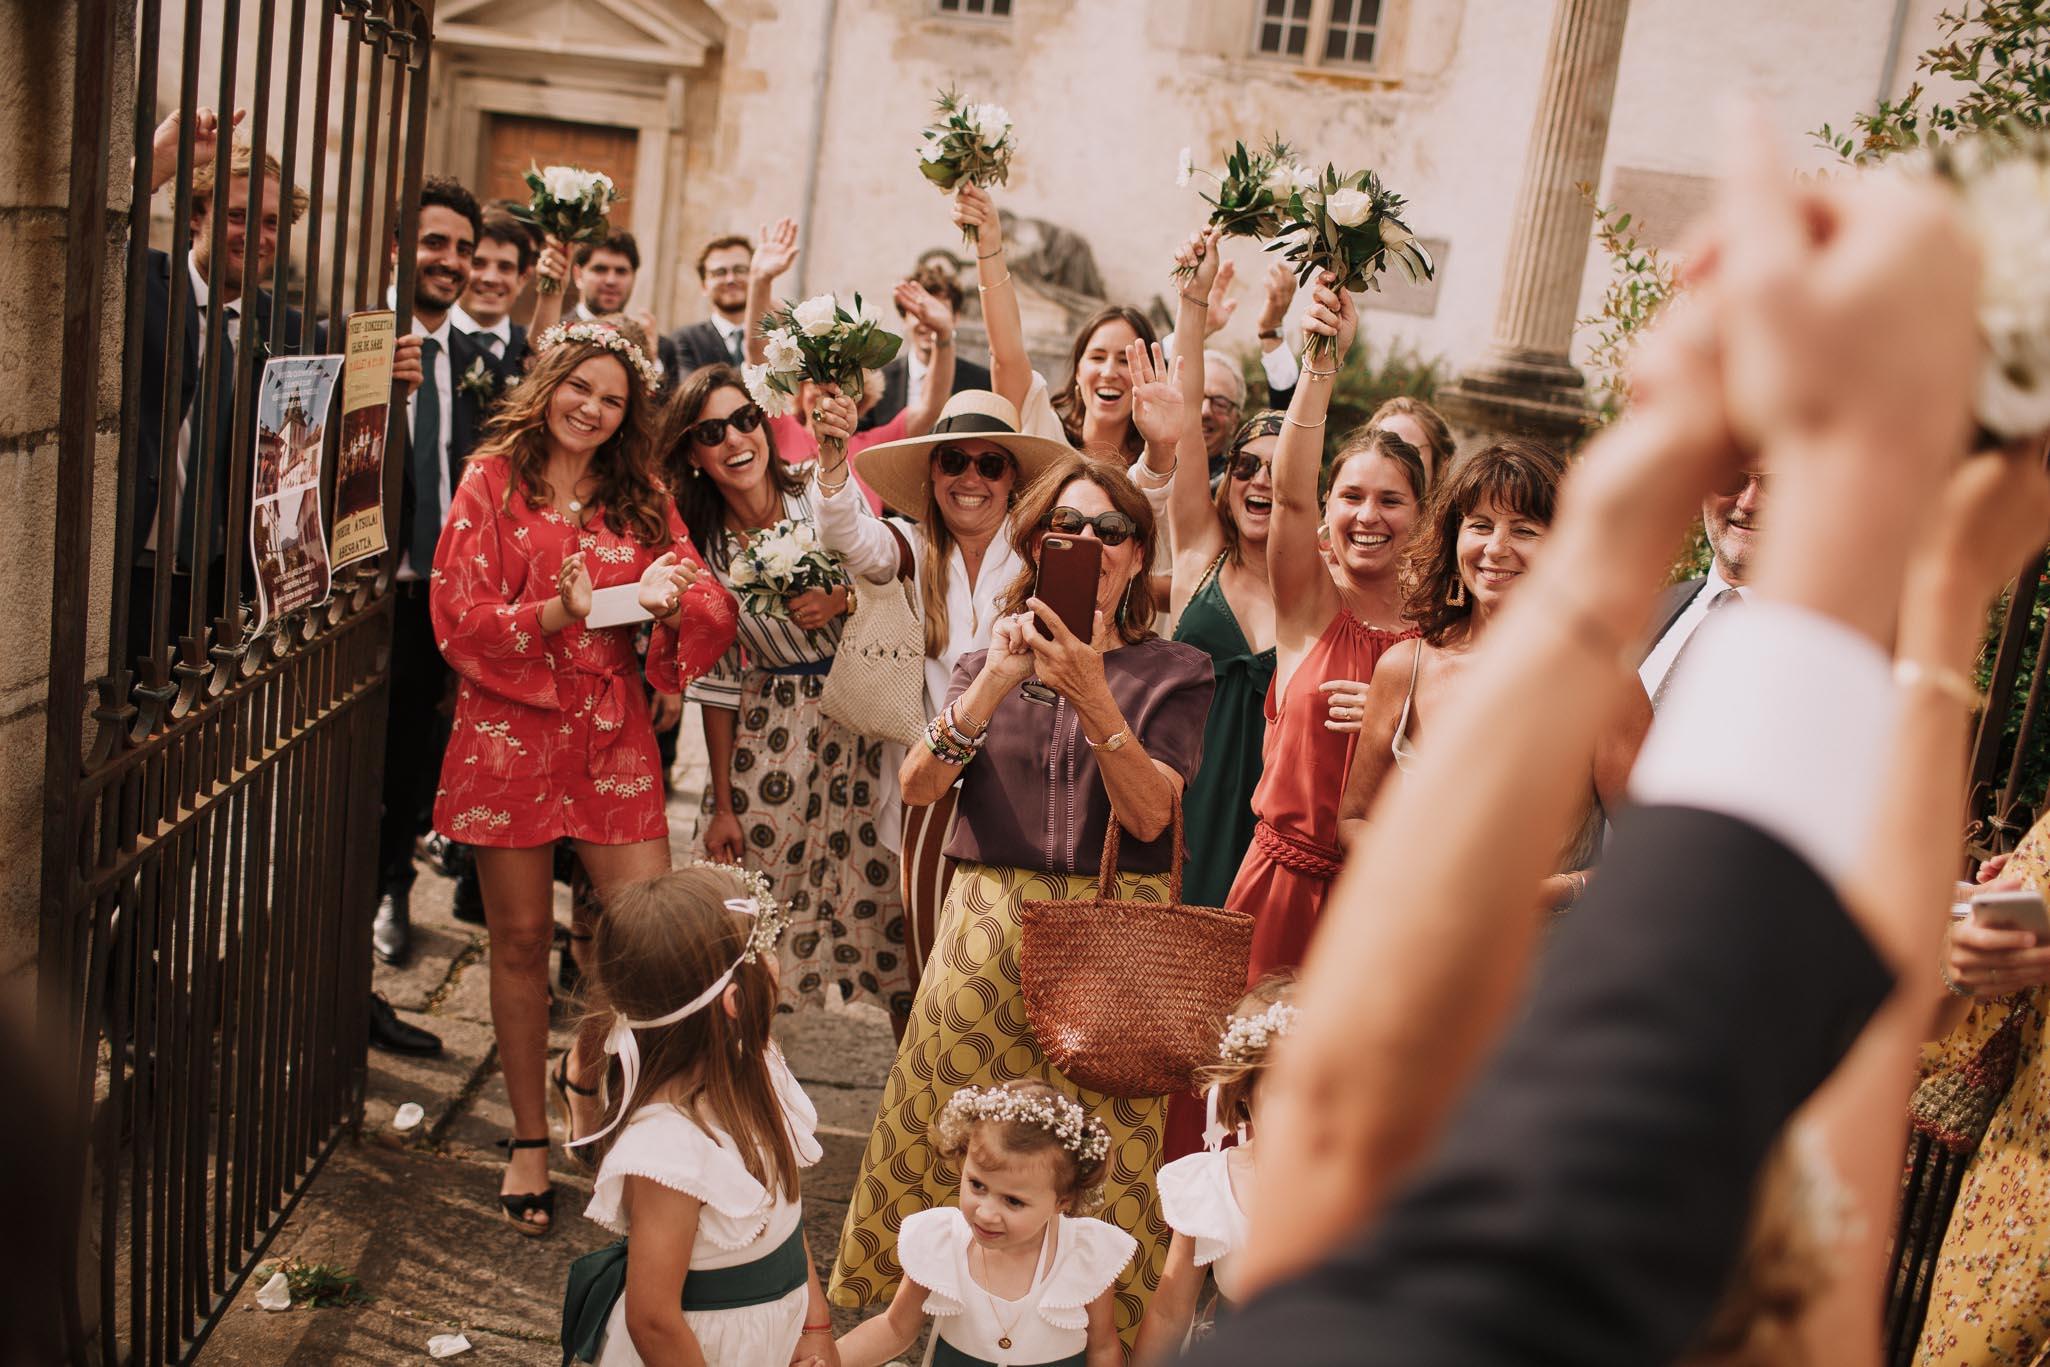 Photographe-mariage-bordeaux-jeremy-boyer-pays-basque-ihartze-artea-sare-robe-eleonore-pauc-couple-amour-84.jpg